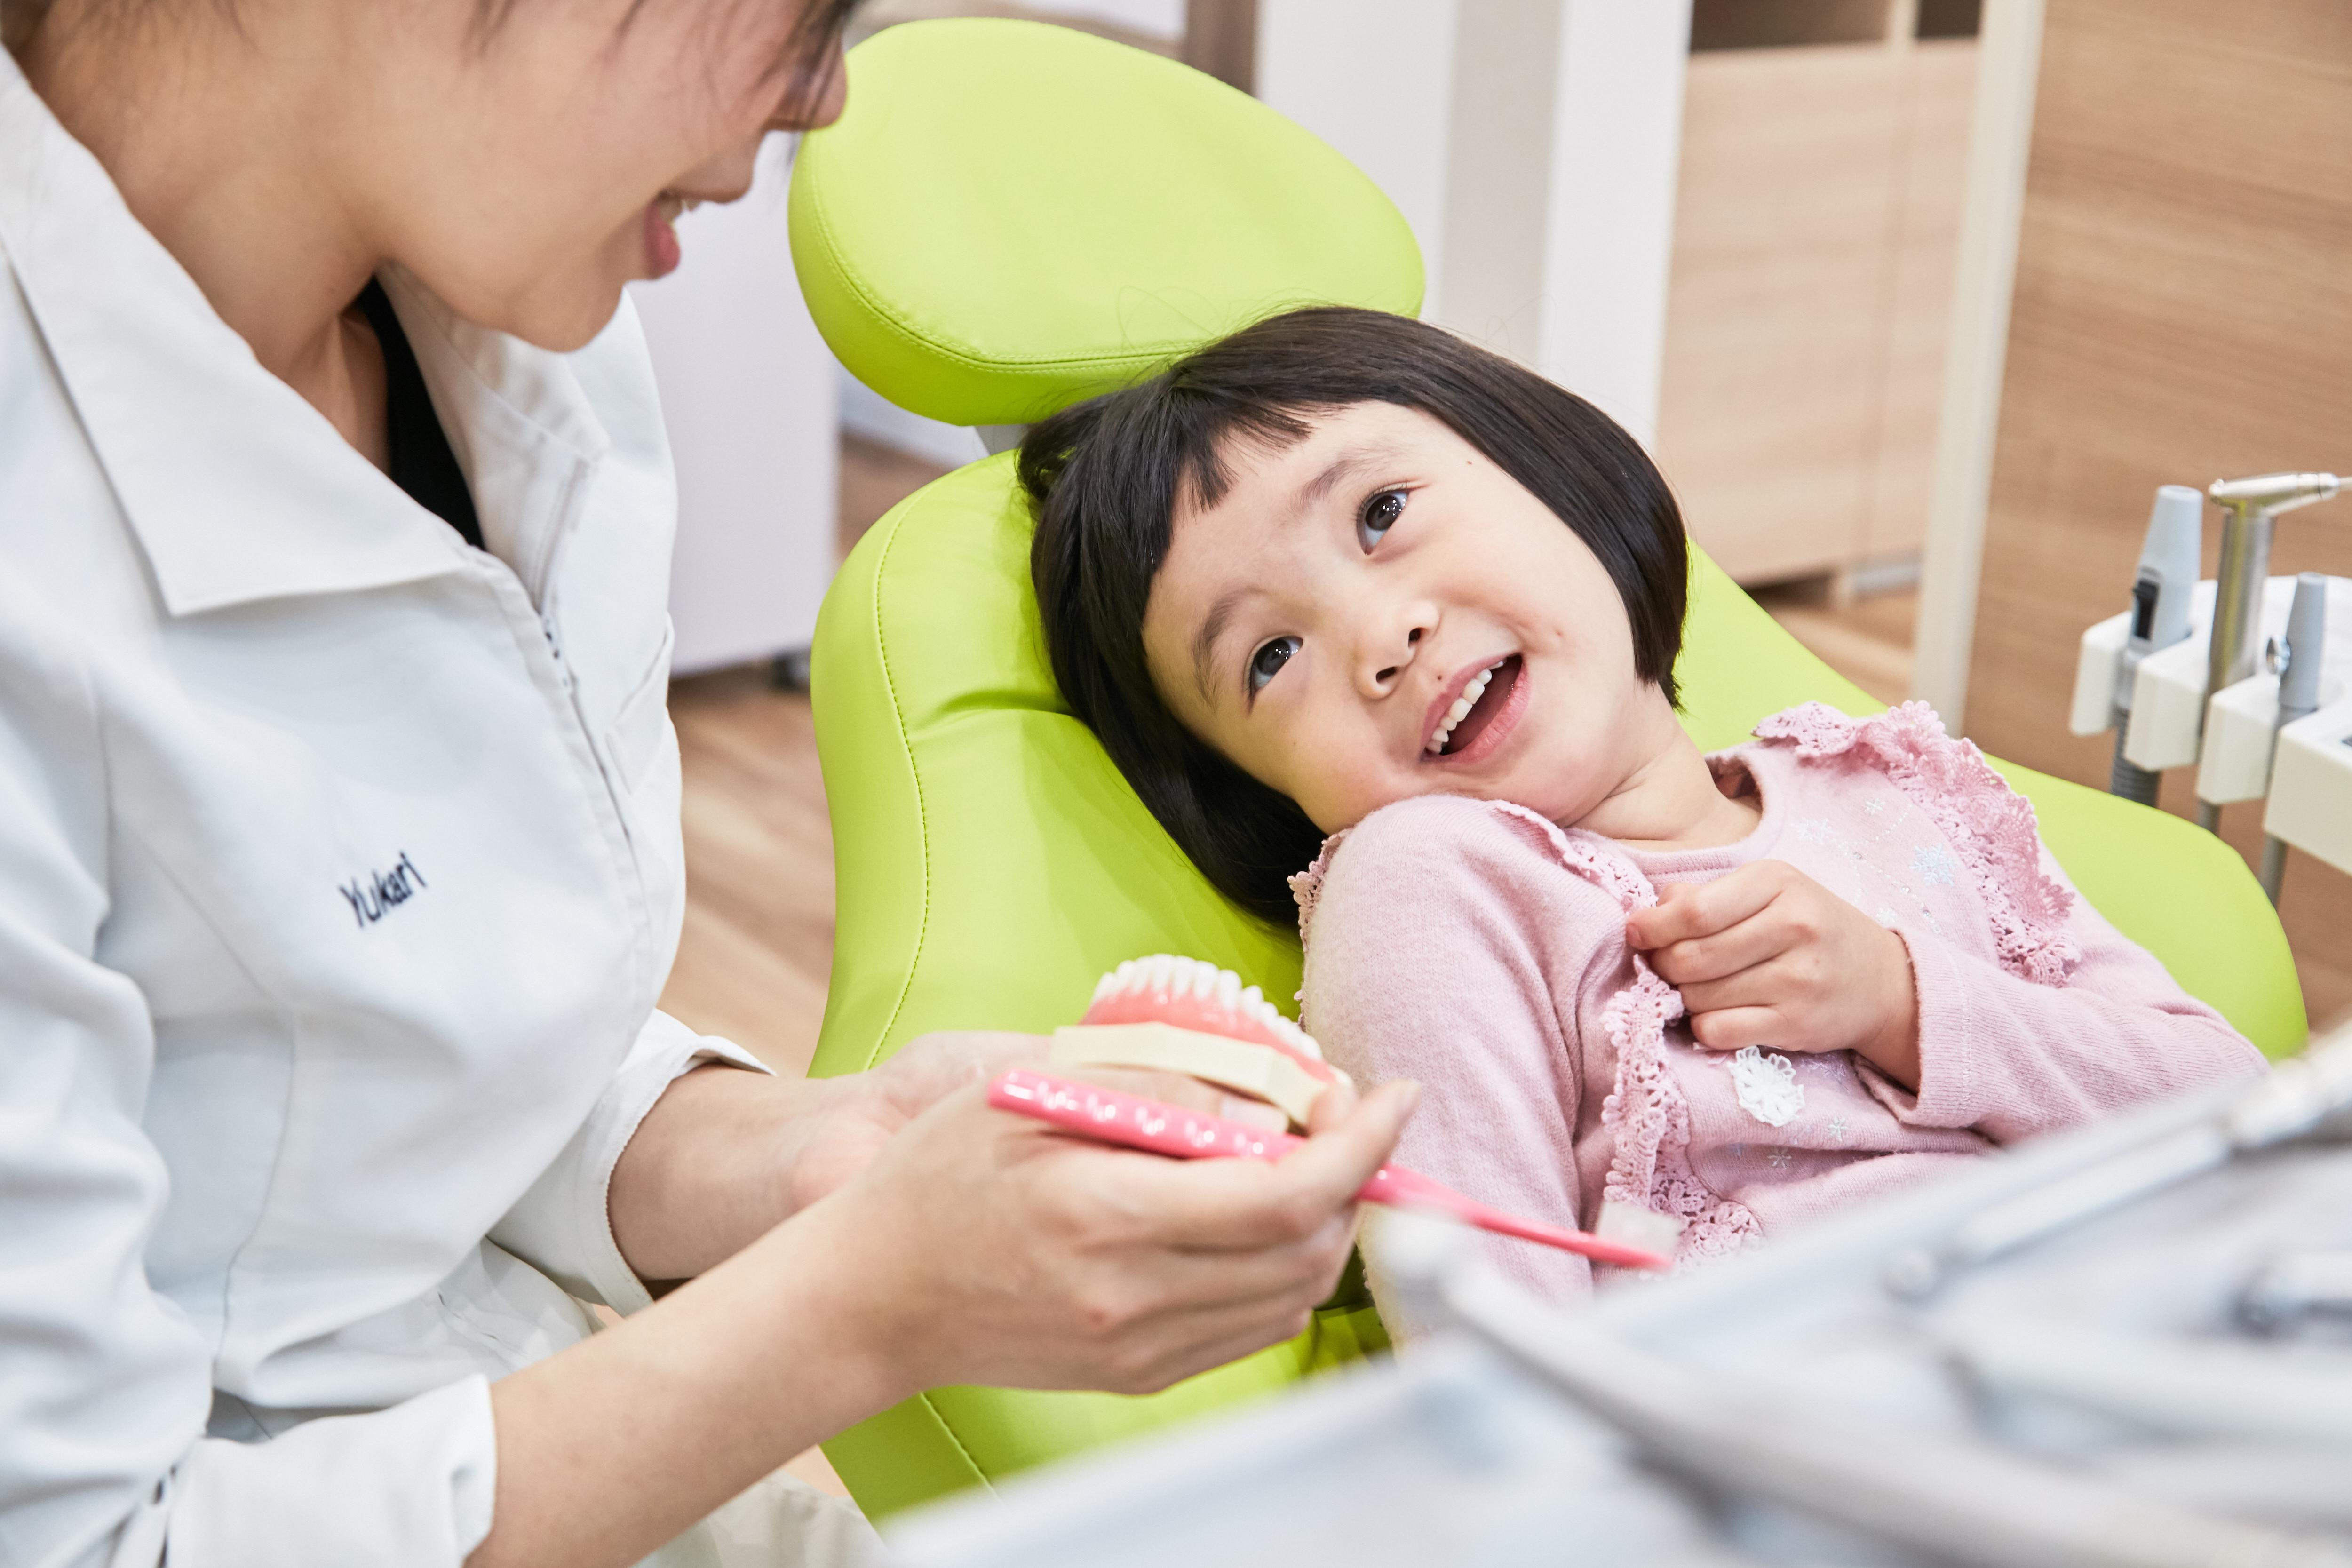 歯医者さんで笑顔で説明を受ける女の子千葉県市川市大和田2-13-24ペア歯科医院市川診療所